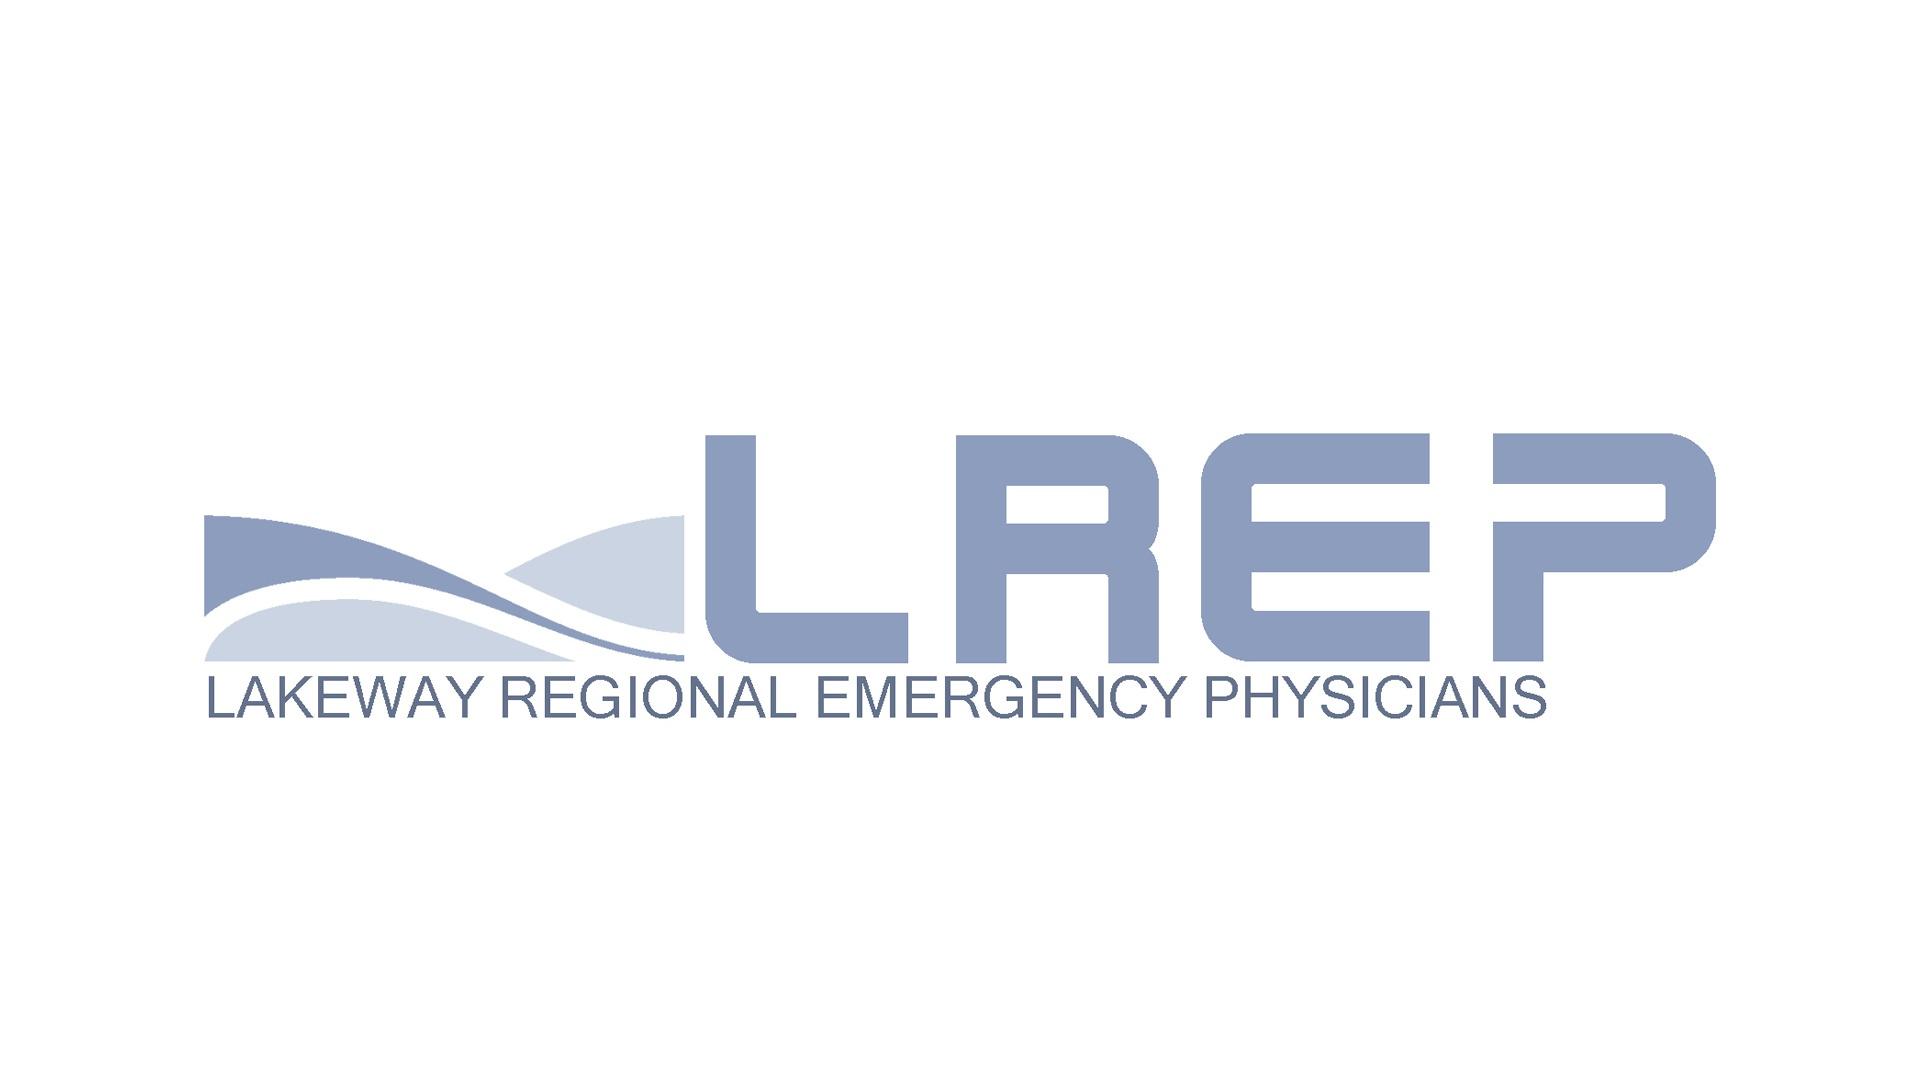 LREP_Logo.jpg